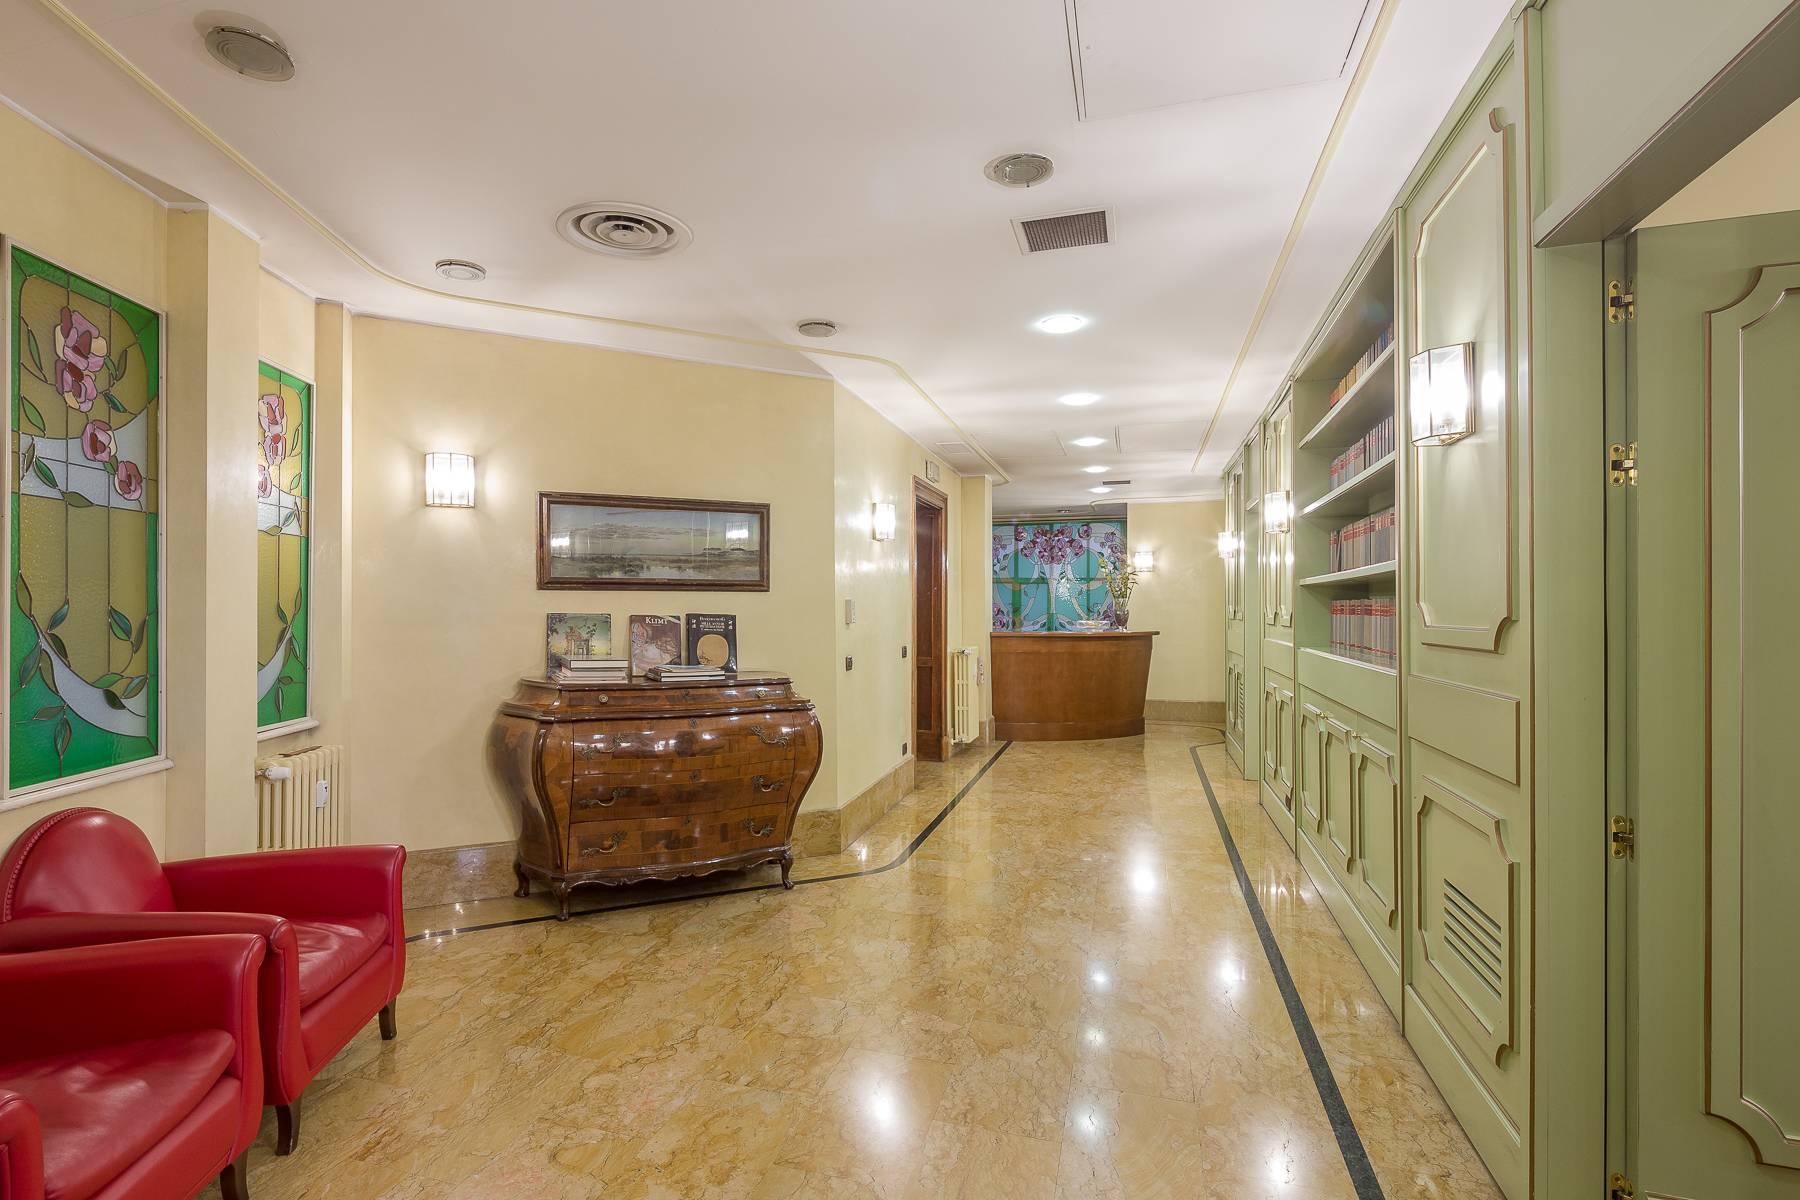 Ufficio-studio in Vendita a Milano: 5 locali, 470 mq - Foto 4